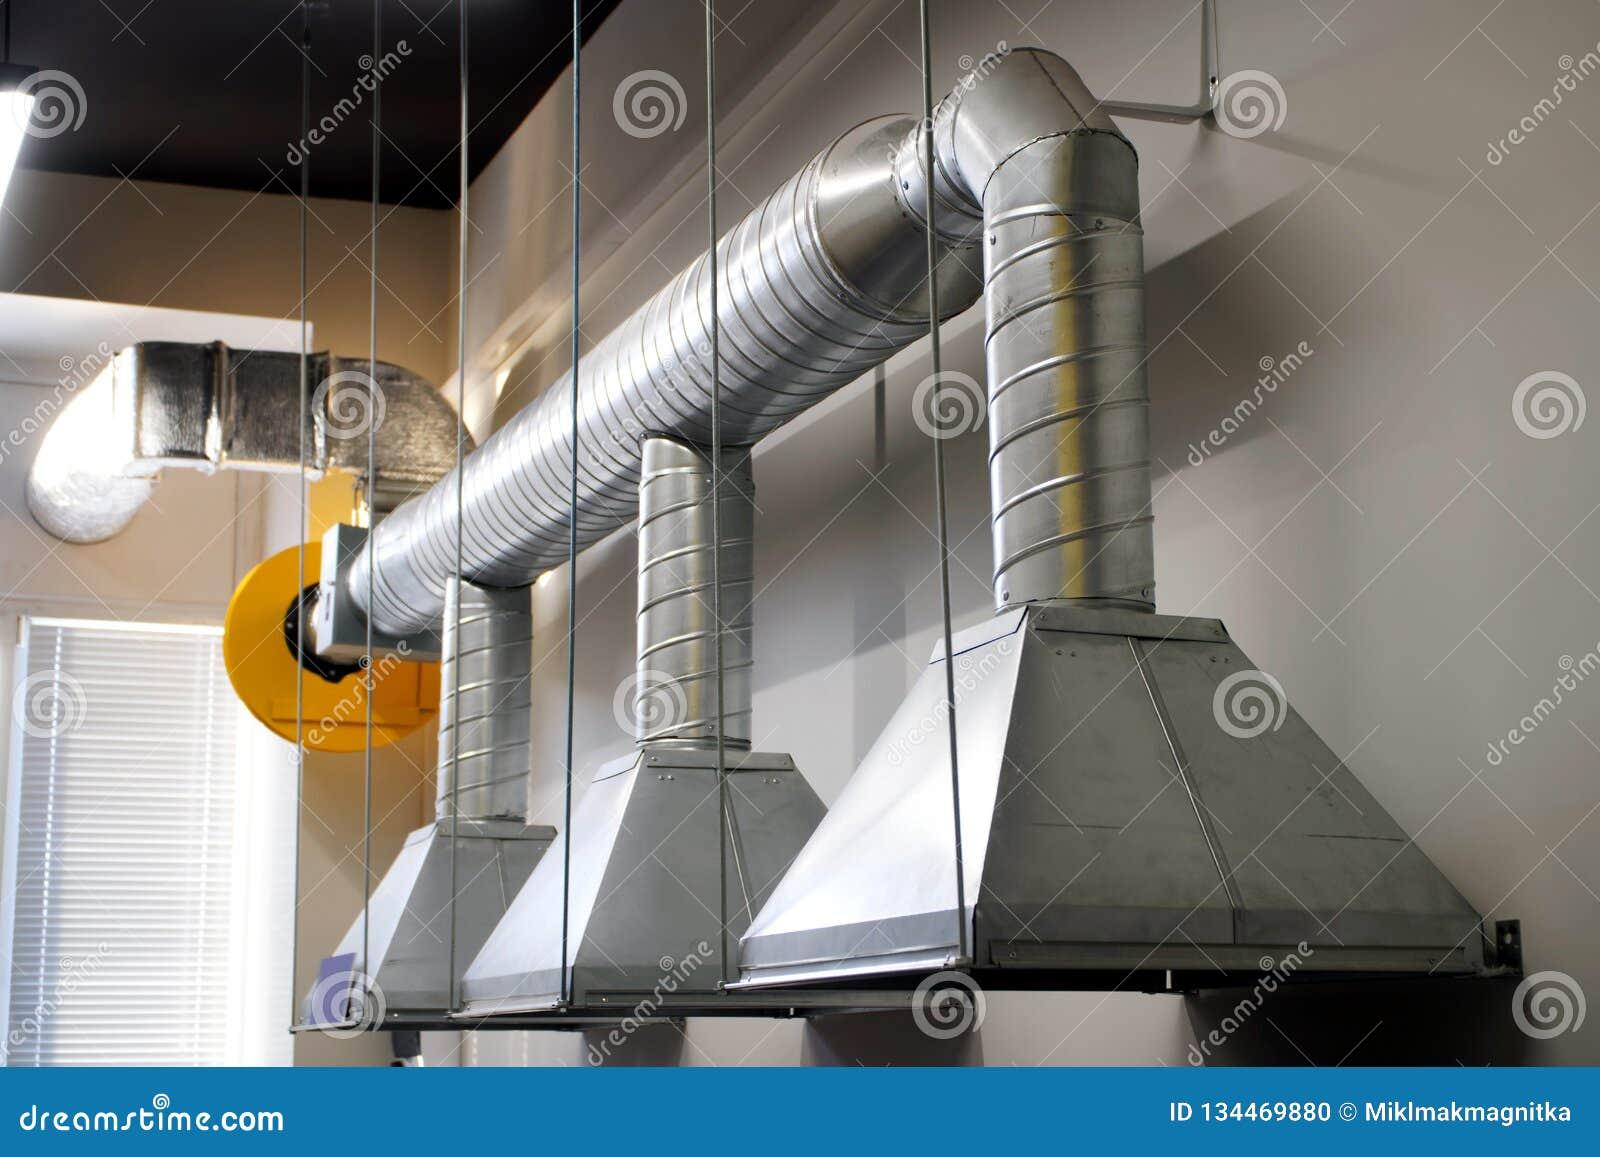 Un esempio di installazione della ventilazione sopra un posto di lavoro in una zona industriale